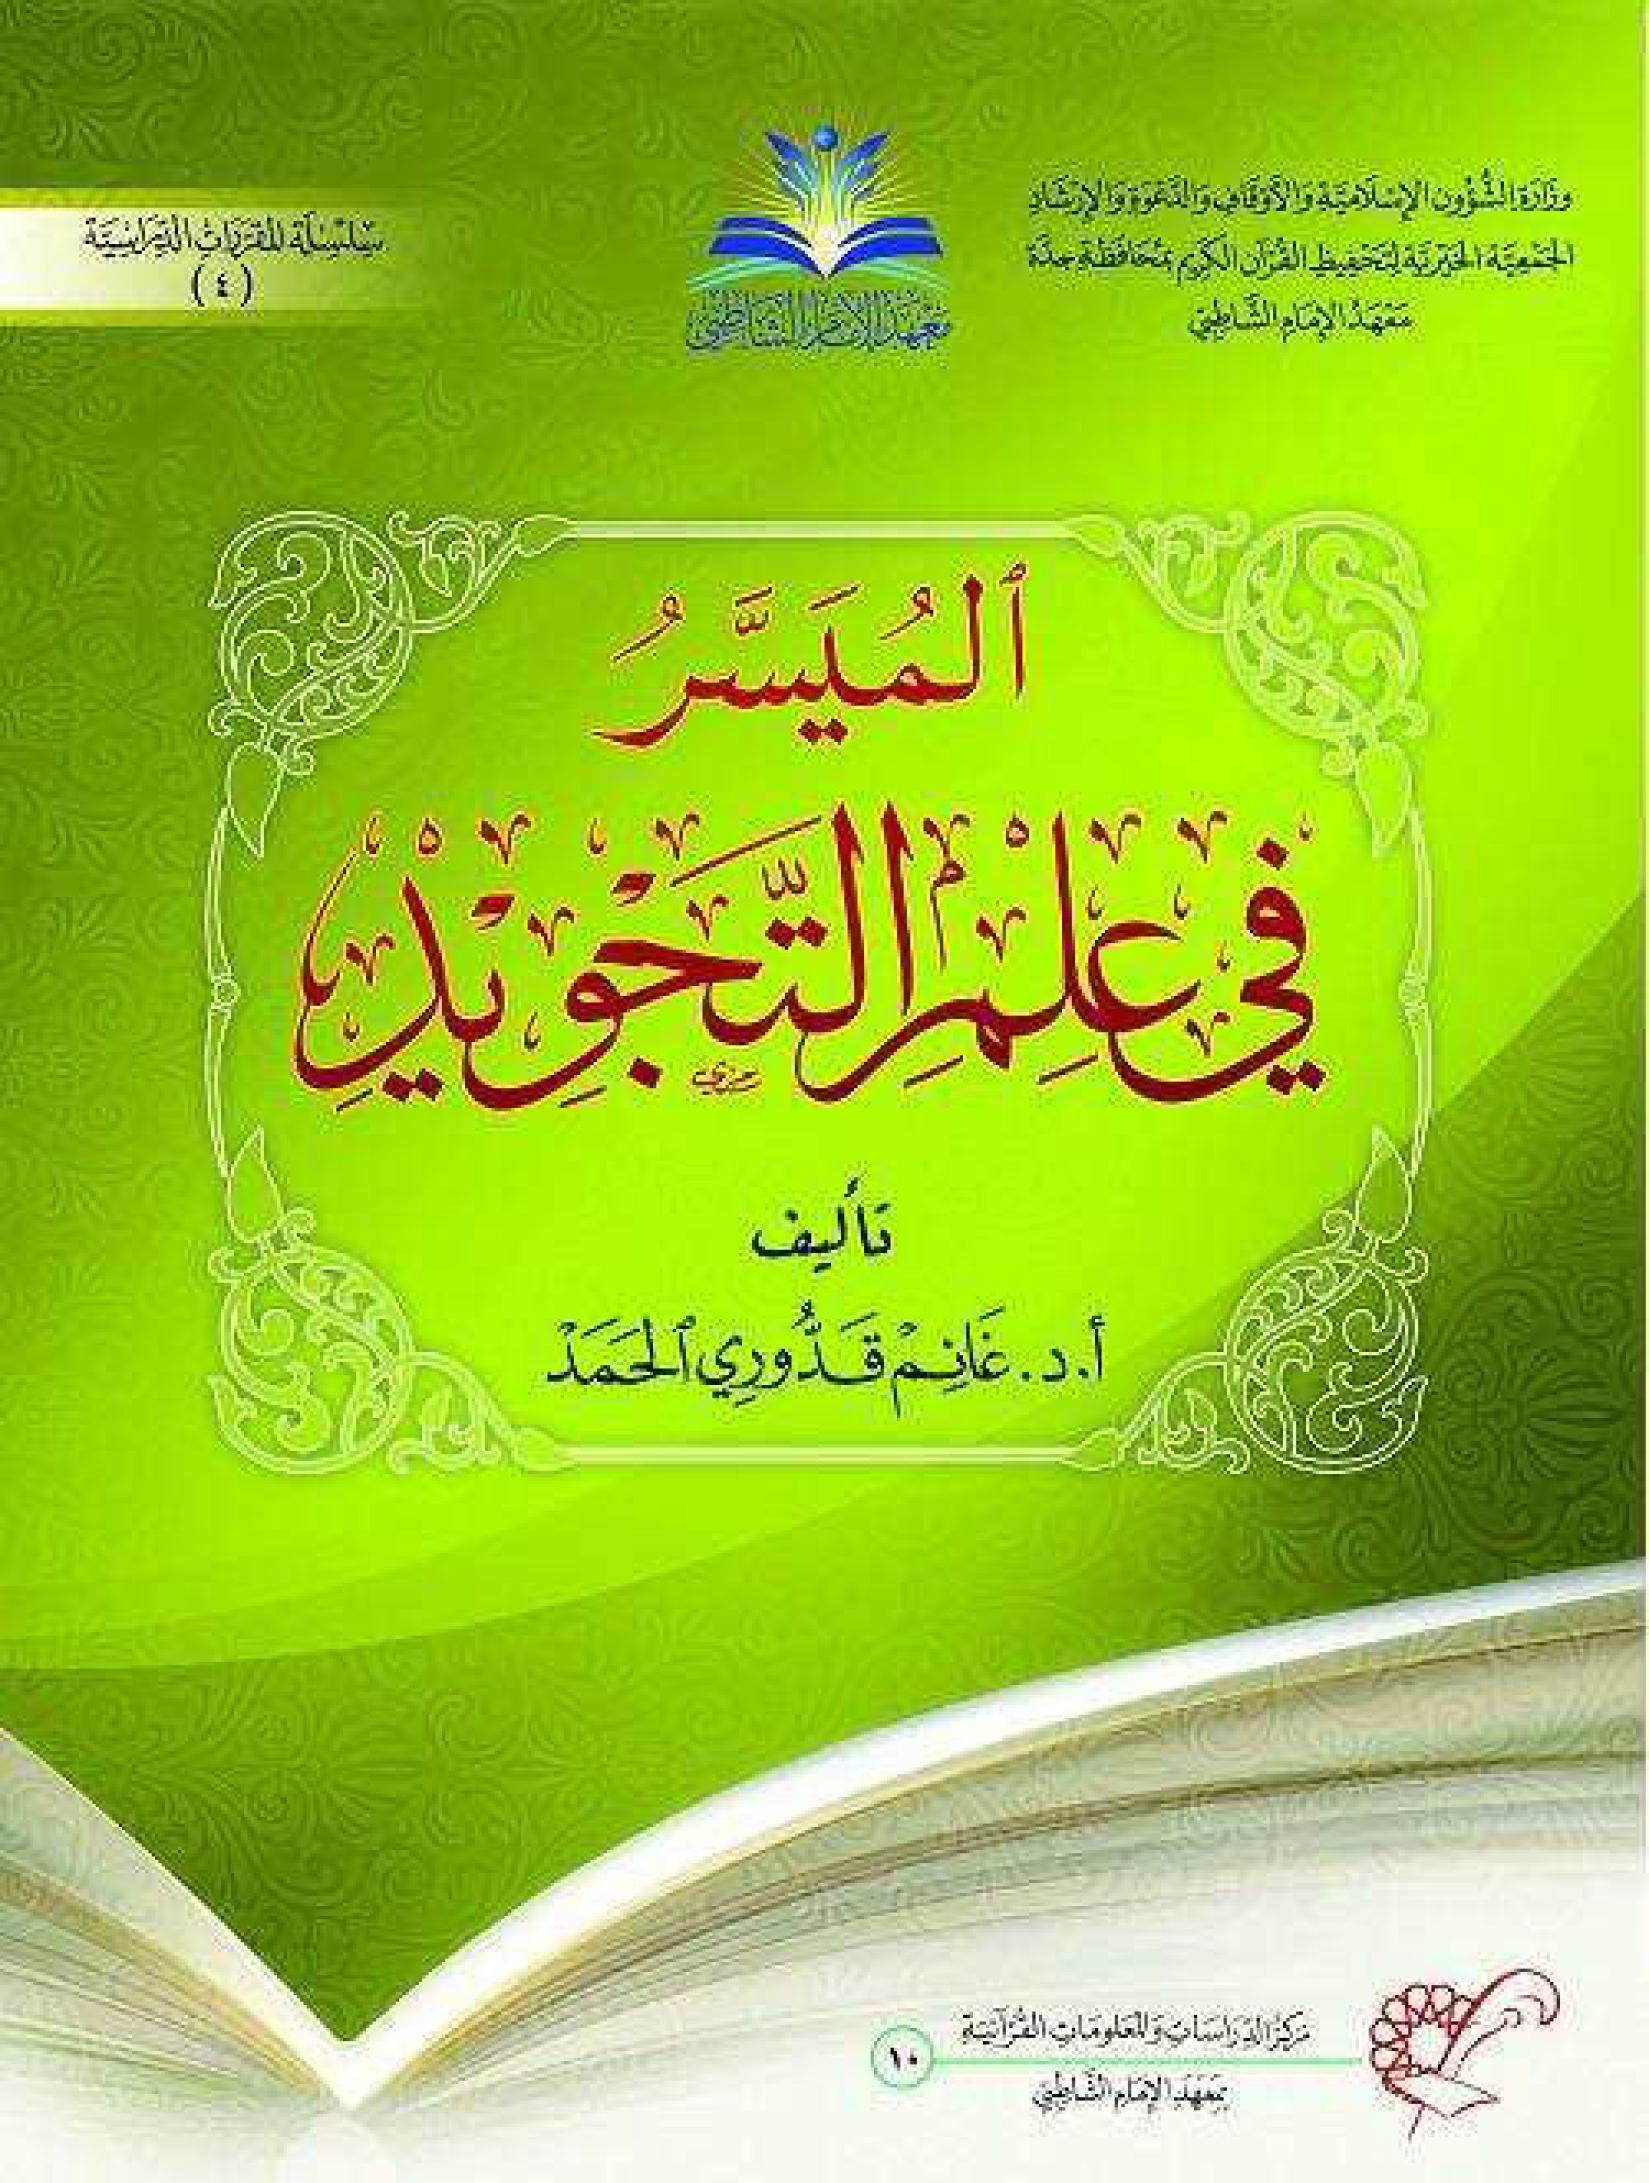 تحميل كتاب الميسر في علم التجويد لـِ: الدكتور غانم قدوري الحمد